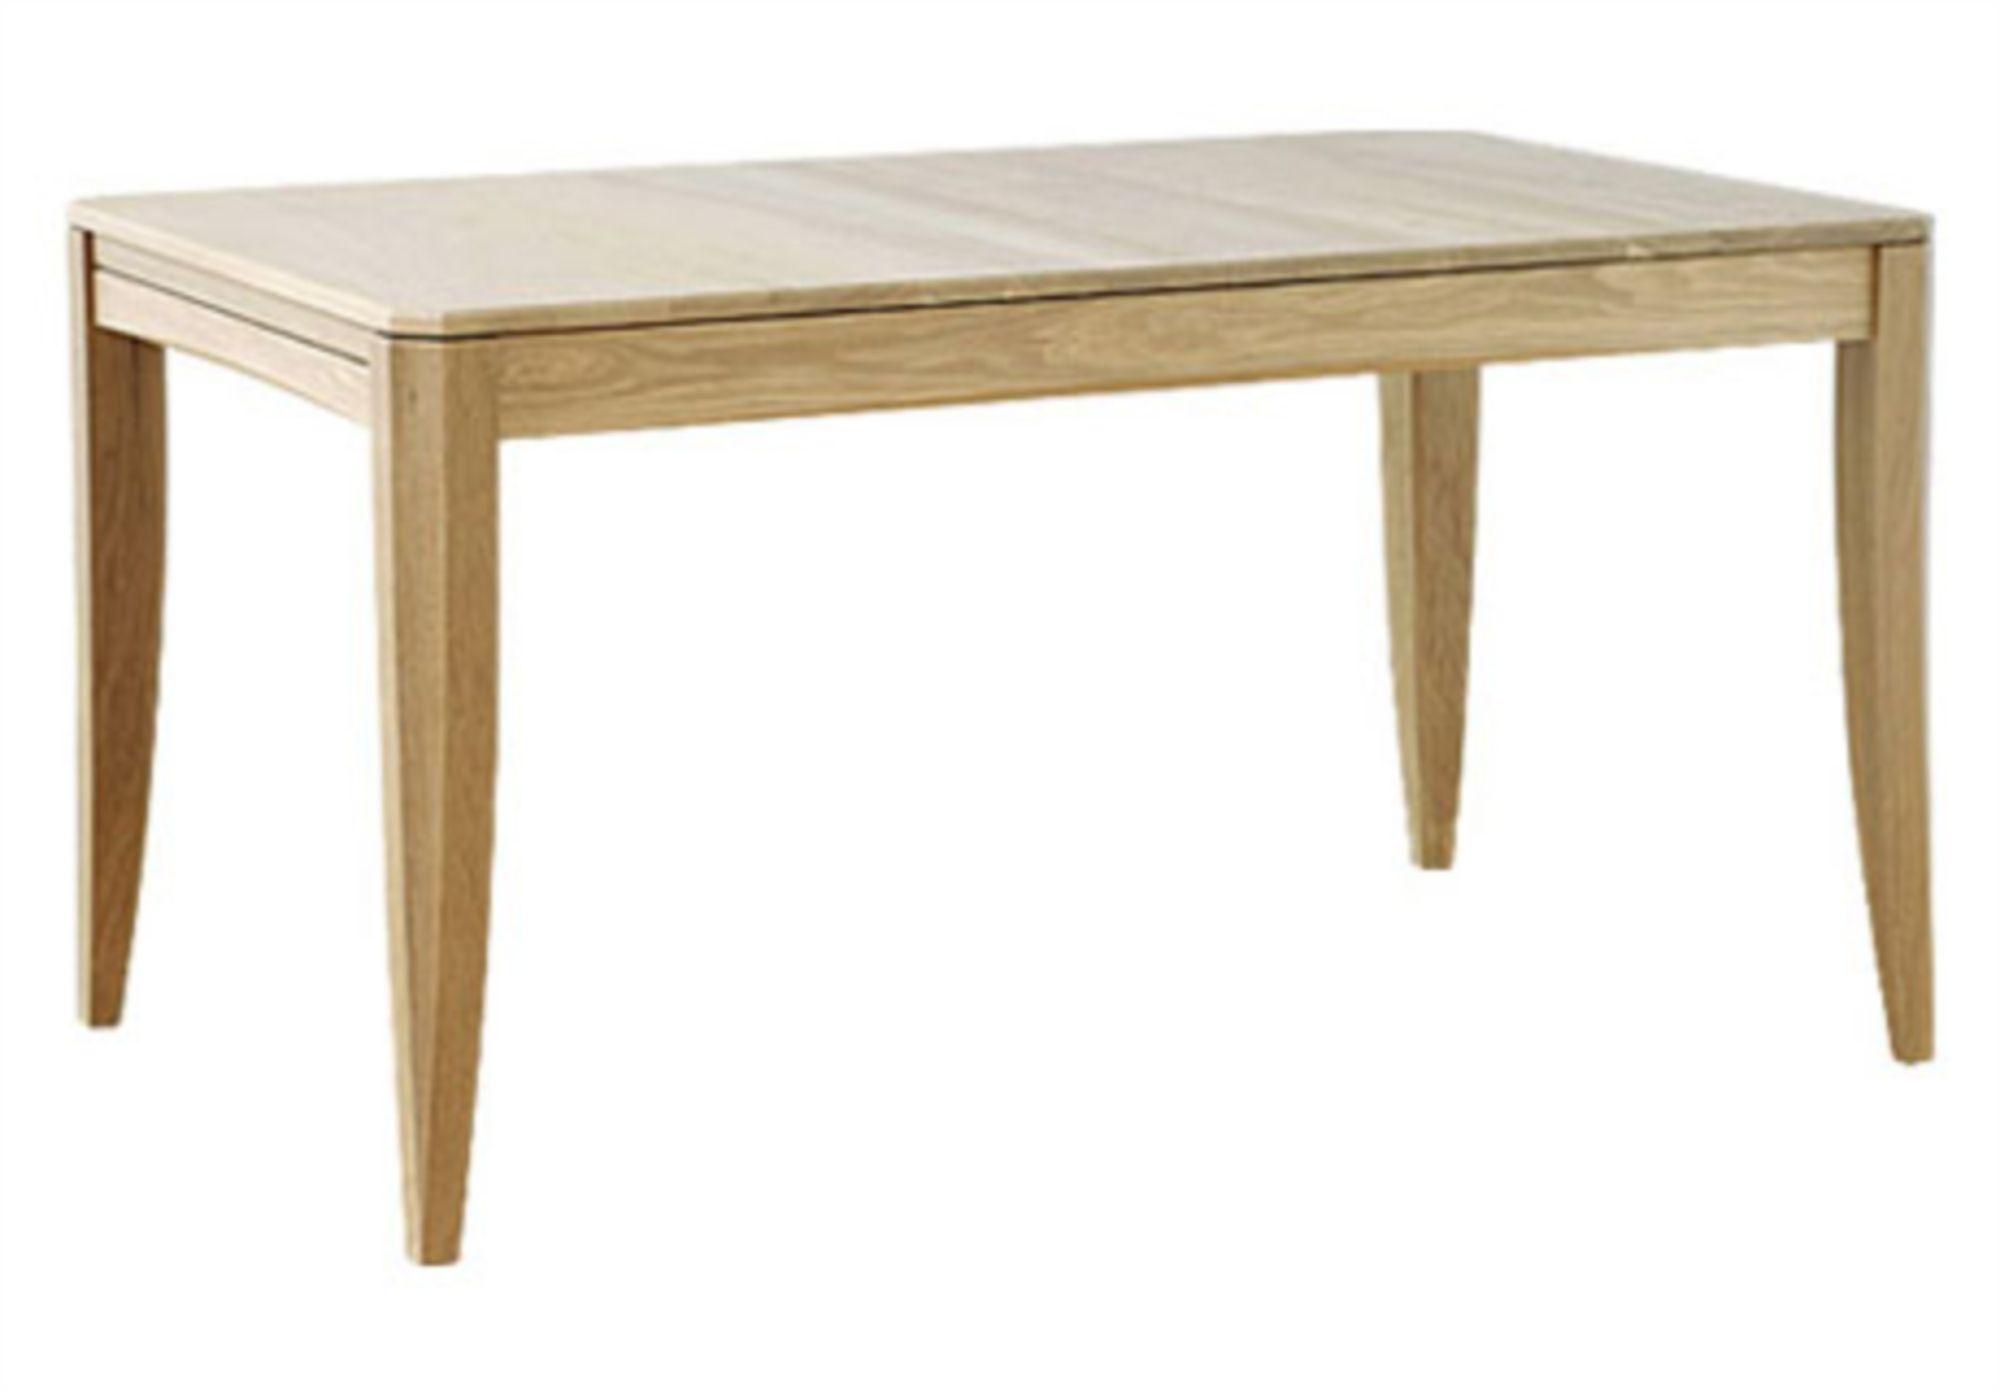 Artisan Medium Extending Dining Table; Furniture Village - Ercol Artisan Dining Room Furniture at Furniture Village - Dining Furniture from Furniture Village